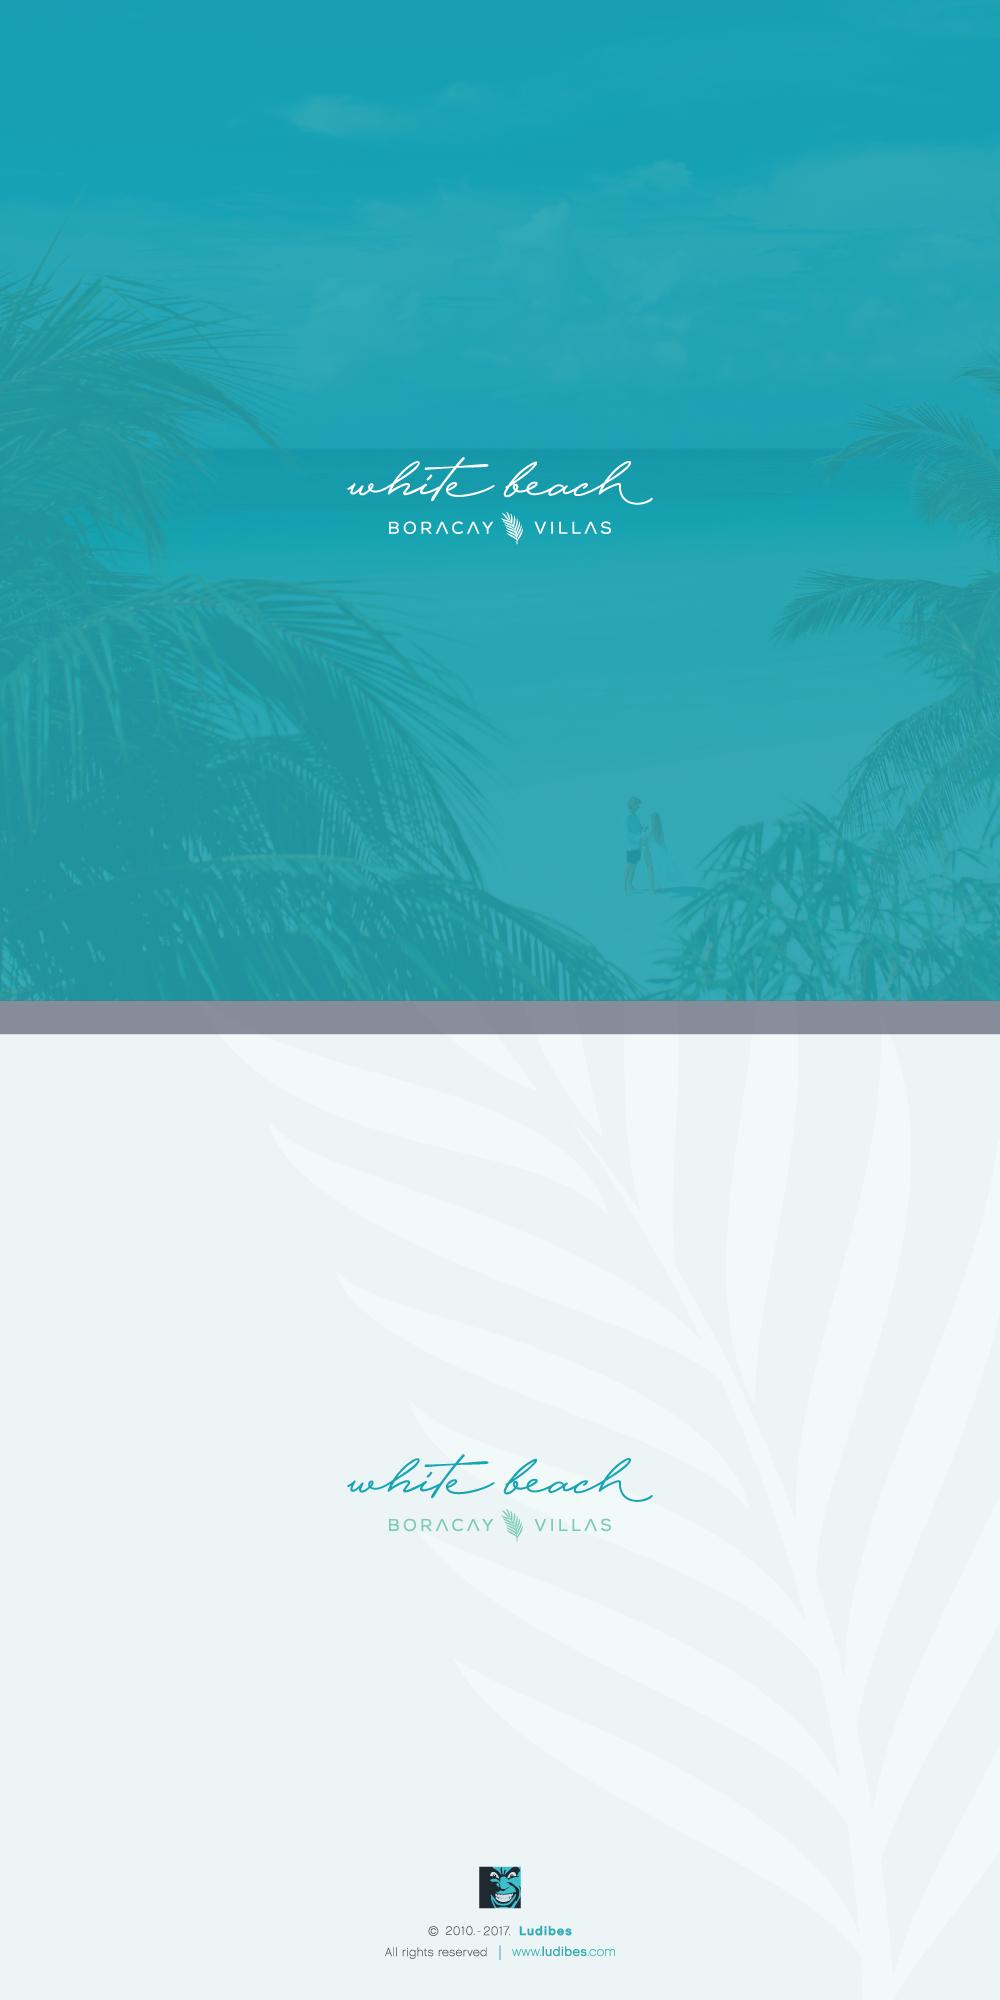 Boracay White Beach Villas